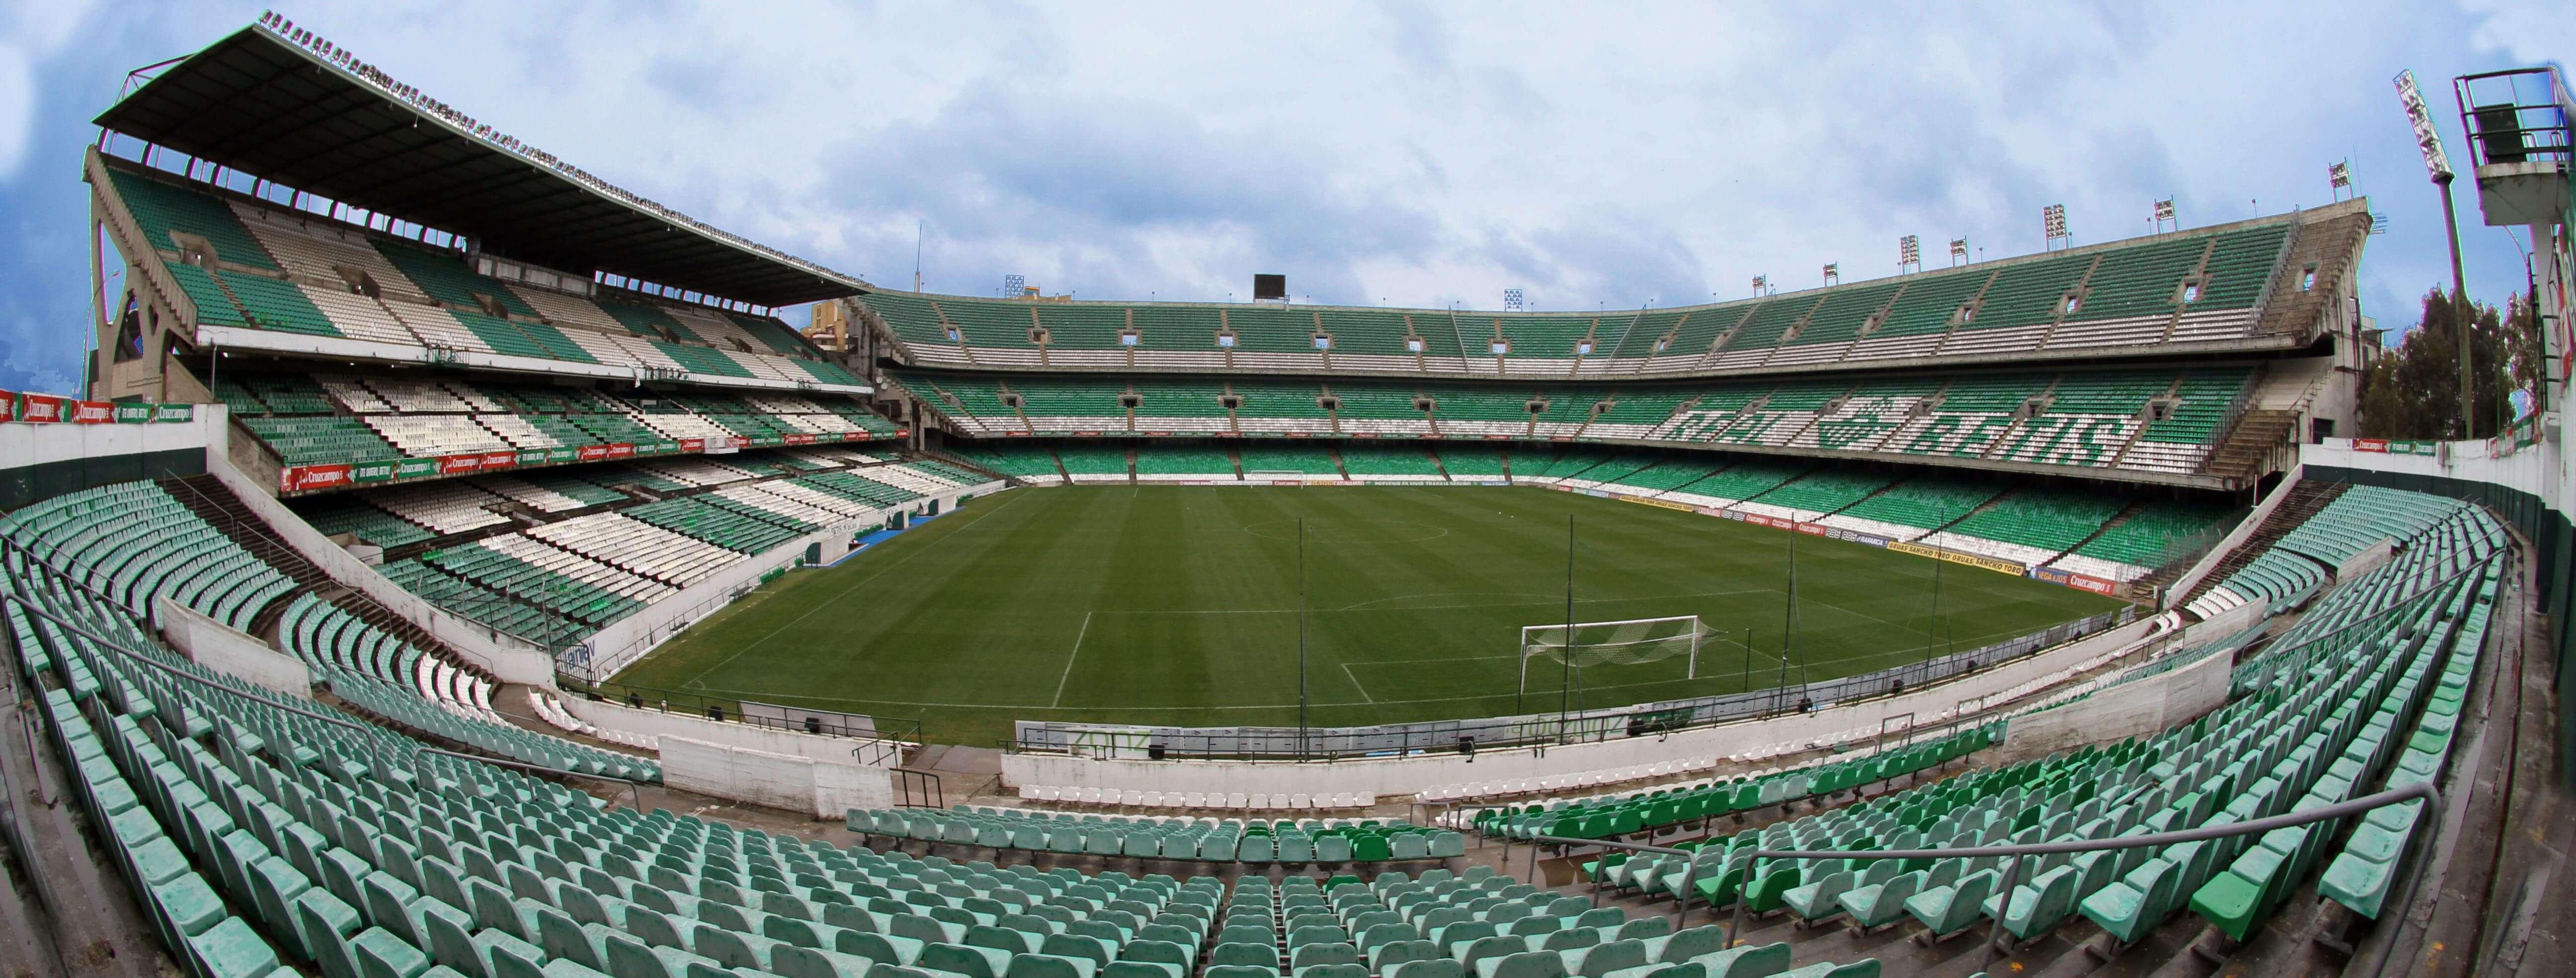 Real betis vs las palmas 19 04 2018 football ticket net for Puerta 19 benito villamarin